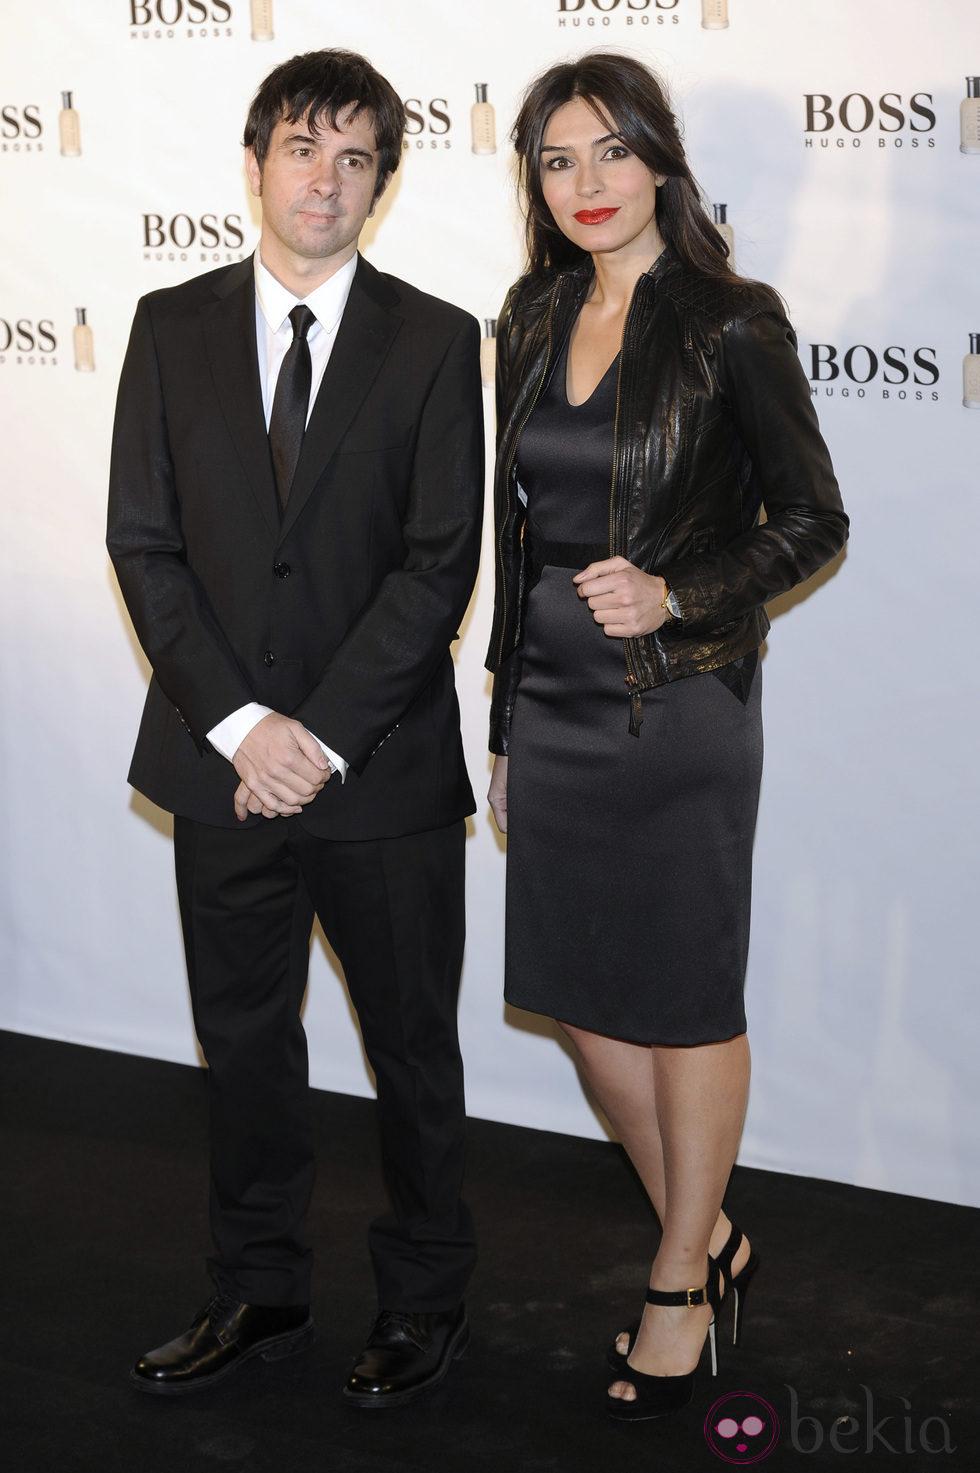 Marta Fernández y Eduardo Chapero-Jackson en el 15 aniversario de 'Boss Bottle' en Madrid